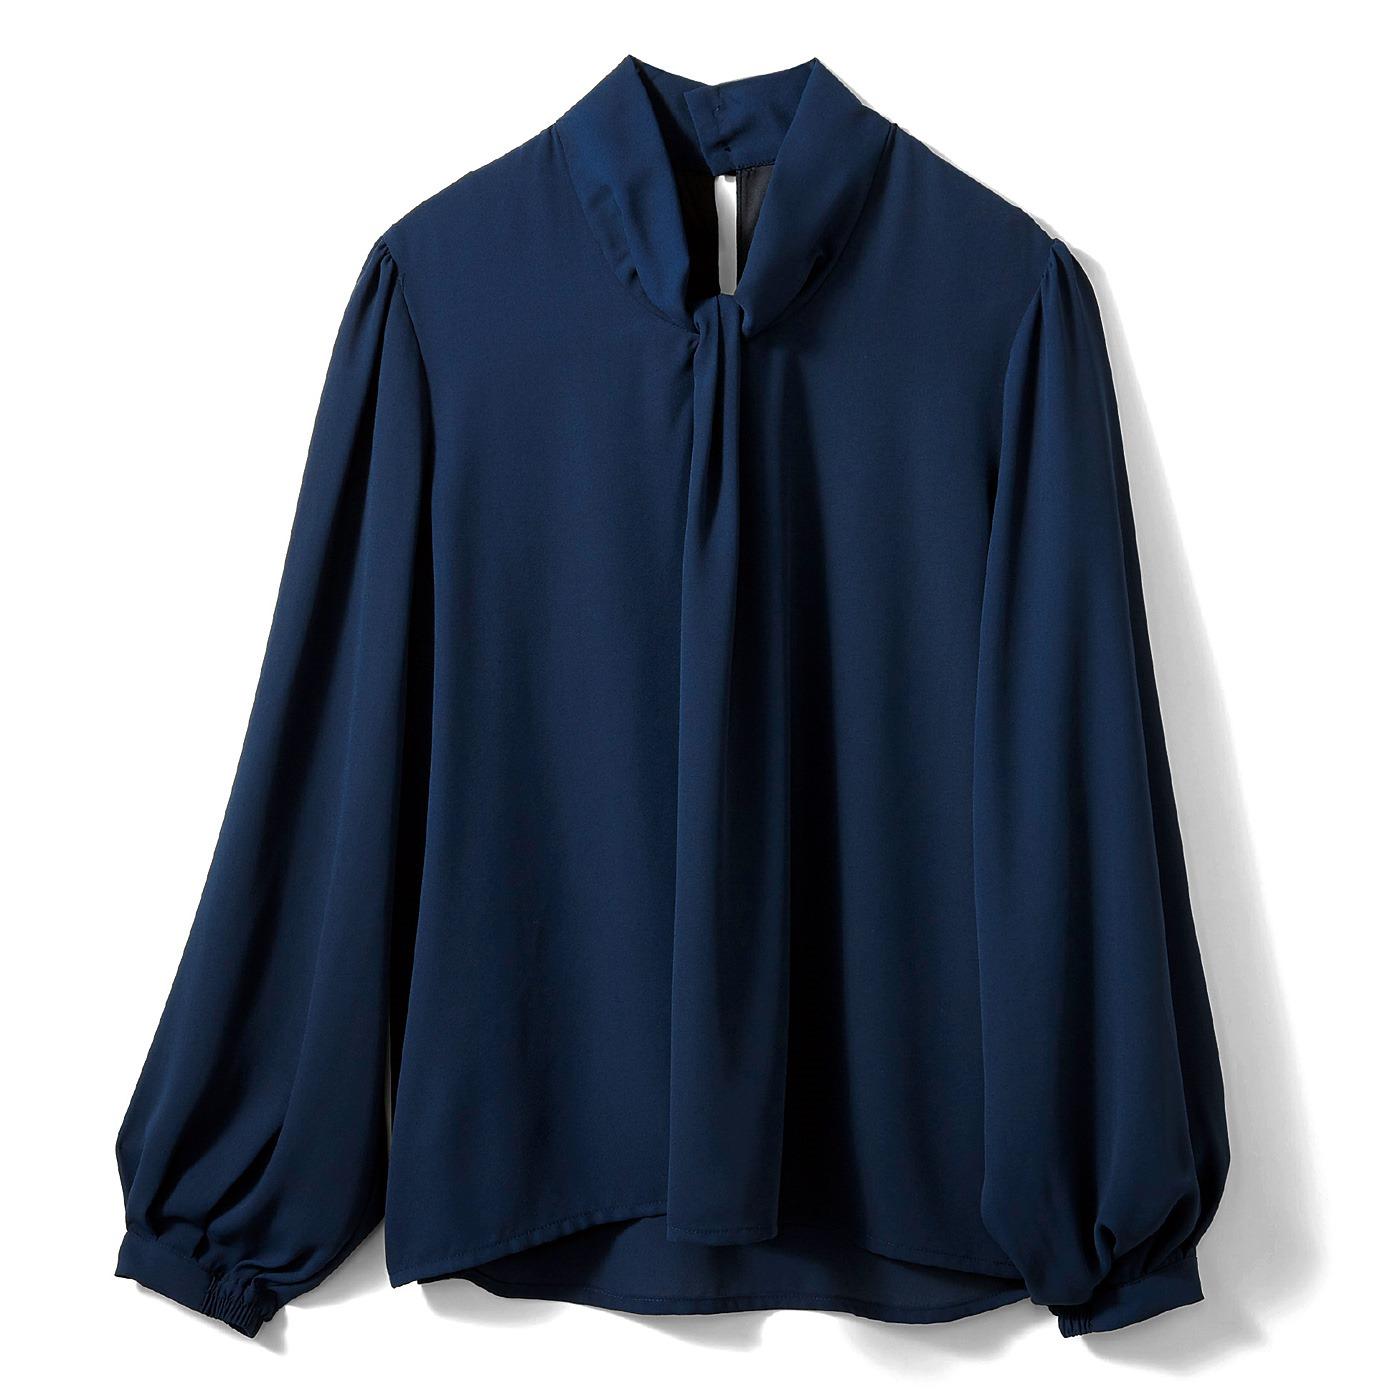 【3~10日でお届け】IEDIT[イディット] 結ぶ手間いらず! Tシャツ心地で快適なボウタイ風ドッキングTブラウス〈ネイビー〉